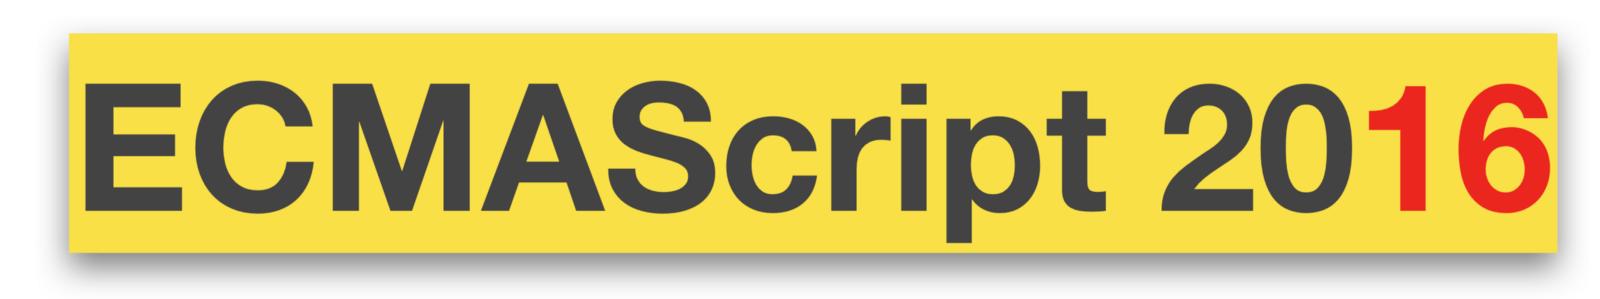 Обзор новшеств ECMAScript 2016, 2017, и 2018 с примерами - 2